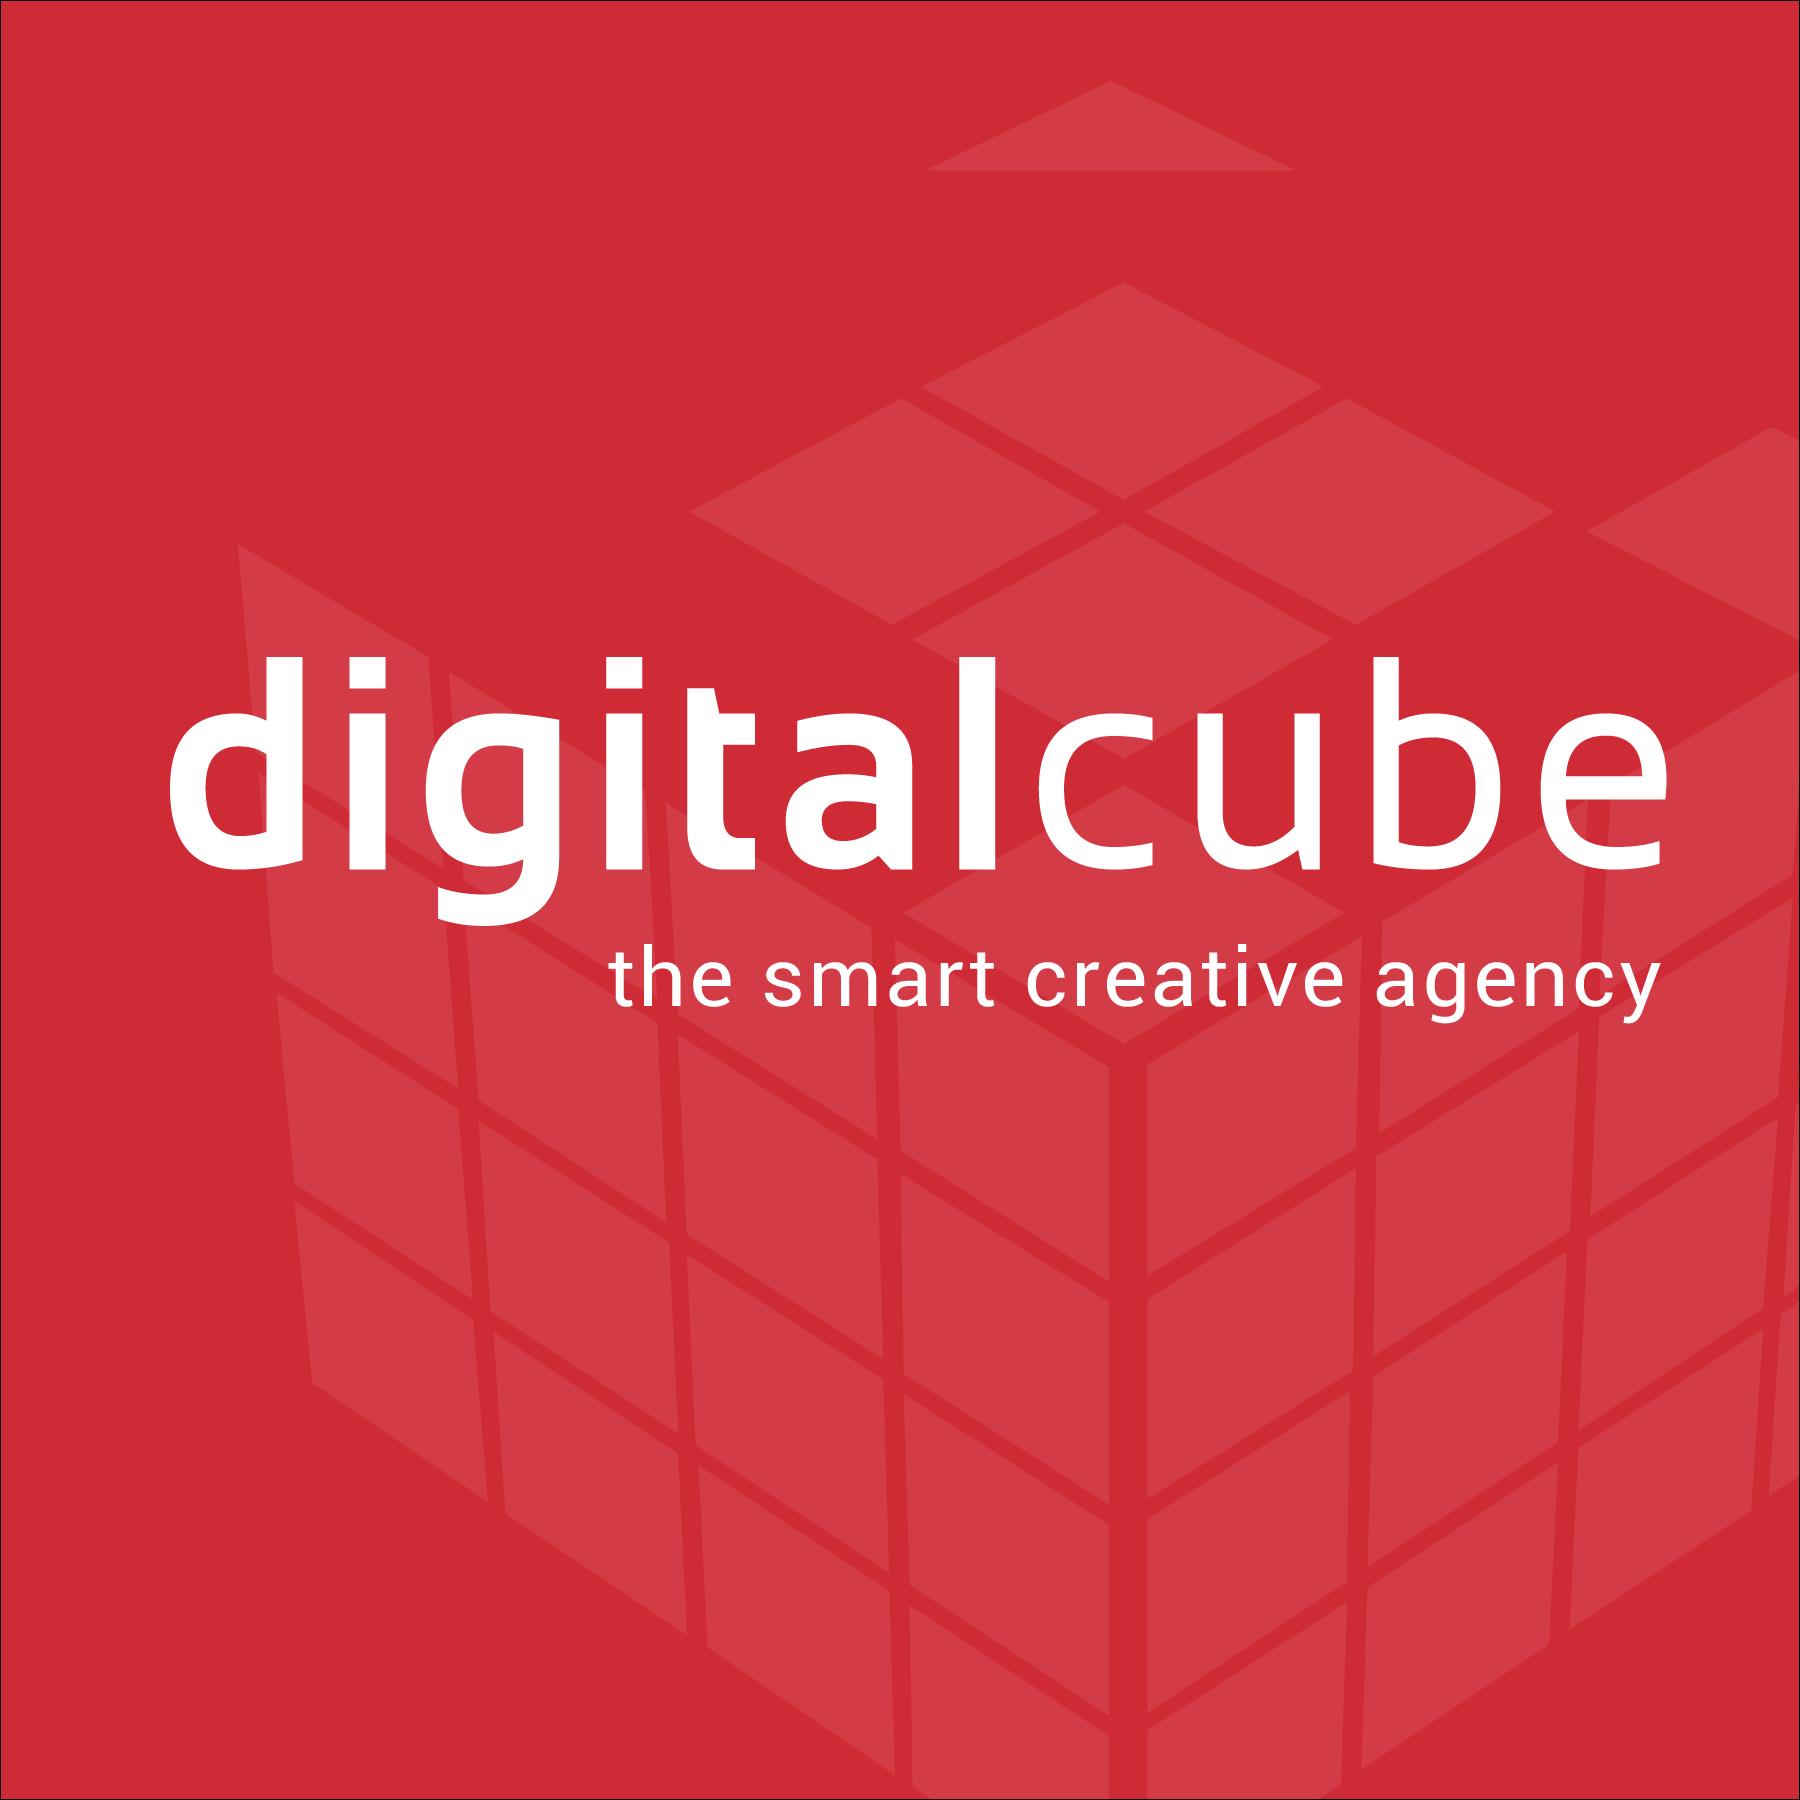 Digital Cube / marketing agency